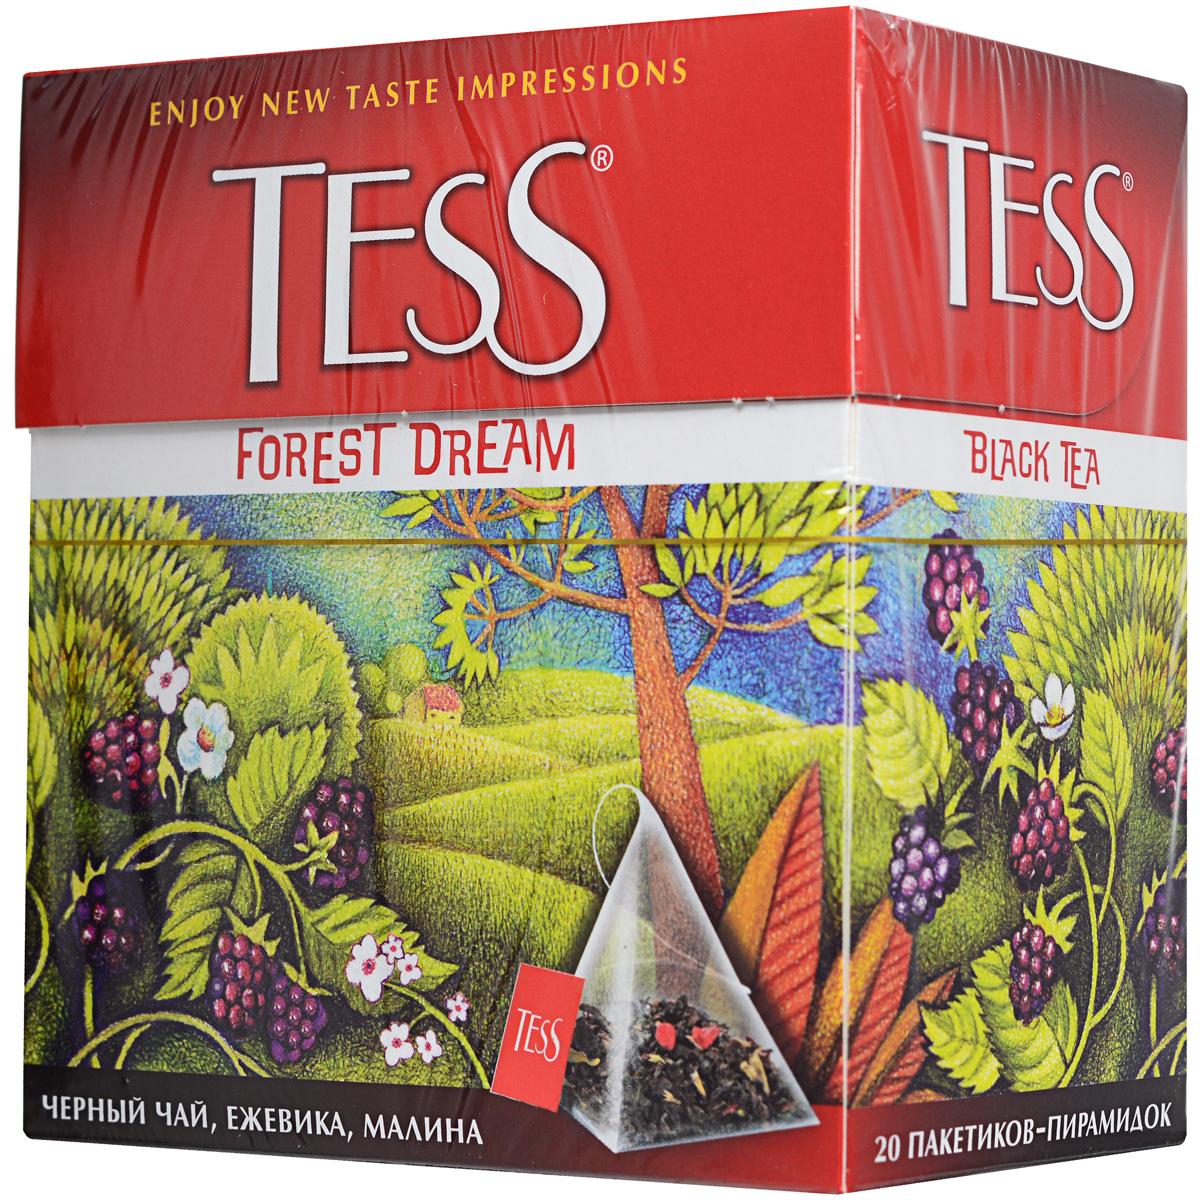 Tess Forest Dream ароматизированный чай в пакетиках, 20 шт101246Чудесная композиция благородного цейлонского чая с кусочками ежевики и лесной малины открывает новый великолепный вкус, в котором слышится благоухание лесной опушки, согретой июльским солнцем. Уважаемые клиенты! Обращаем ваше внимание на возможные изменения в дизайне упаковки. Поставка осуществляется в одном из двух приведенных вариантов упаковок в зависимости от наличия на складе.